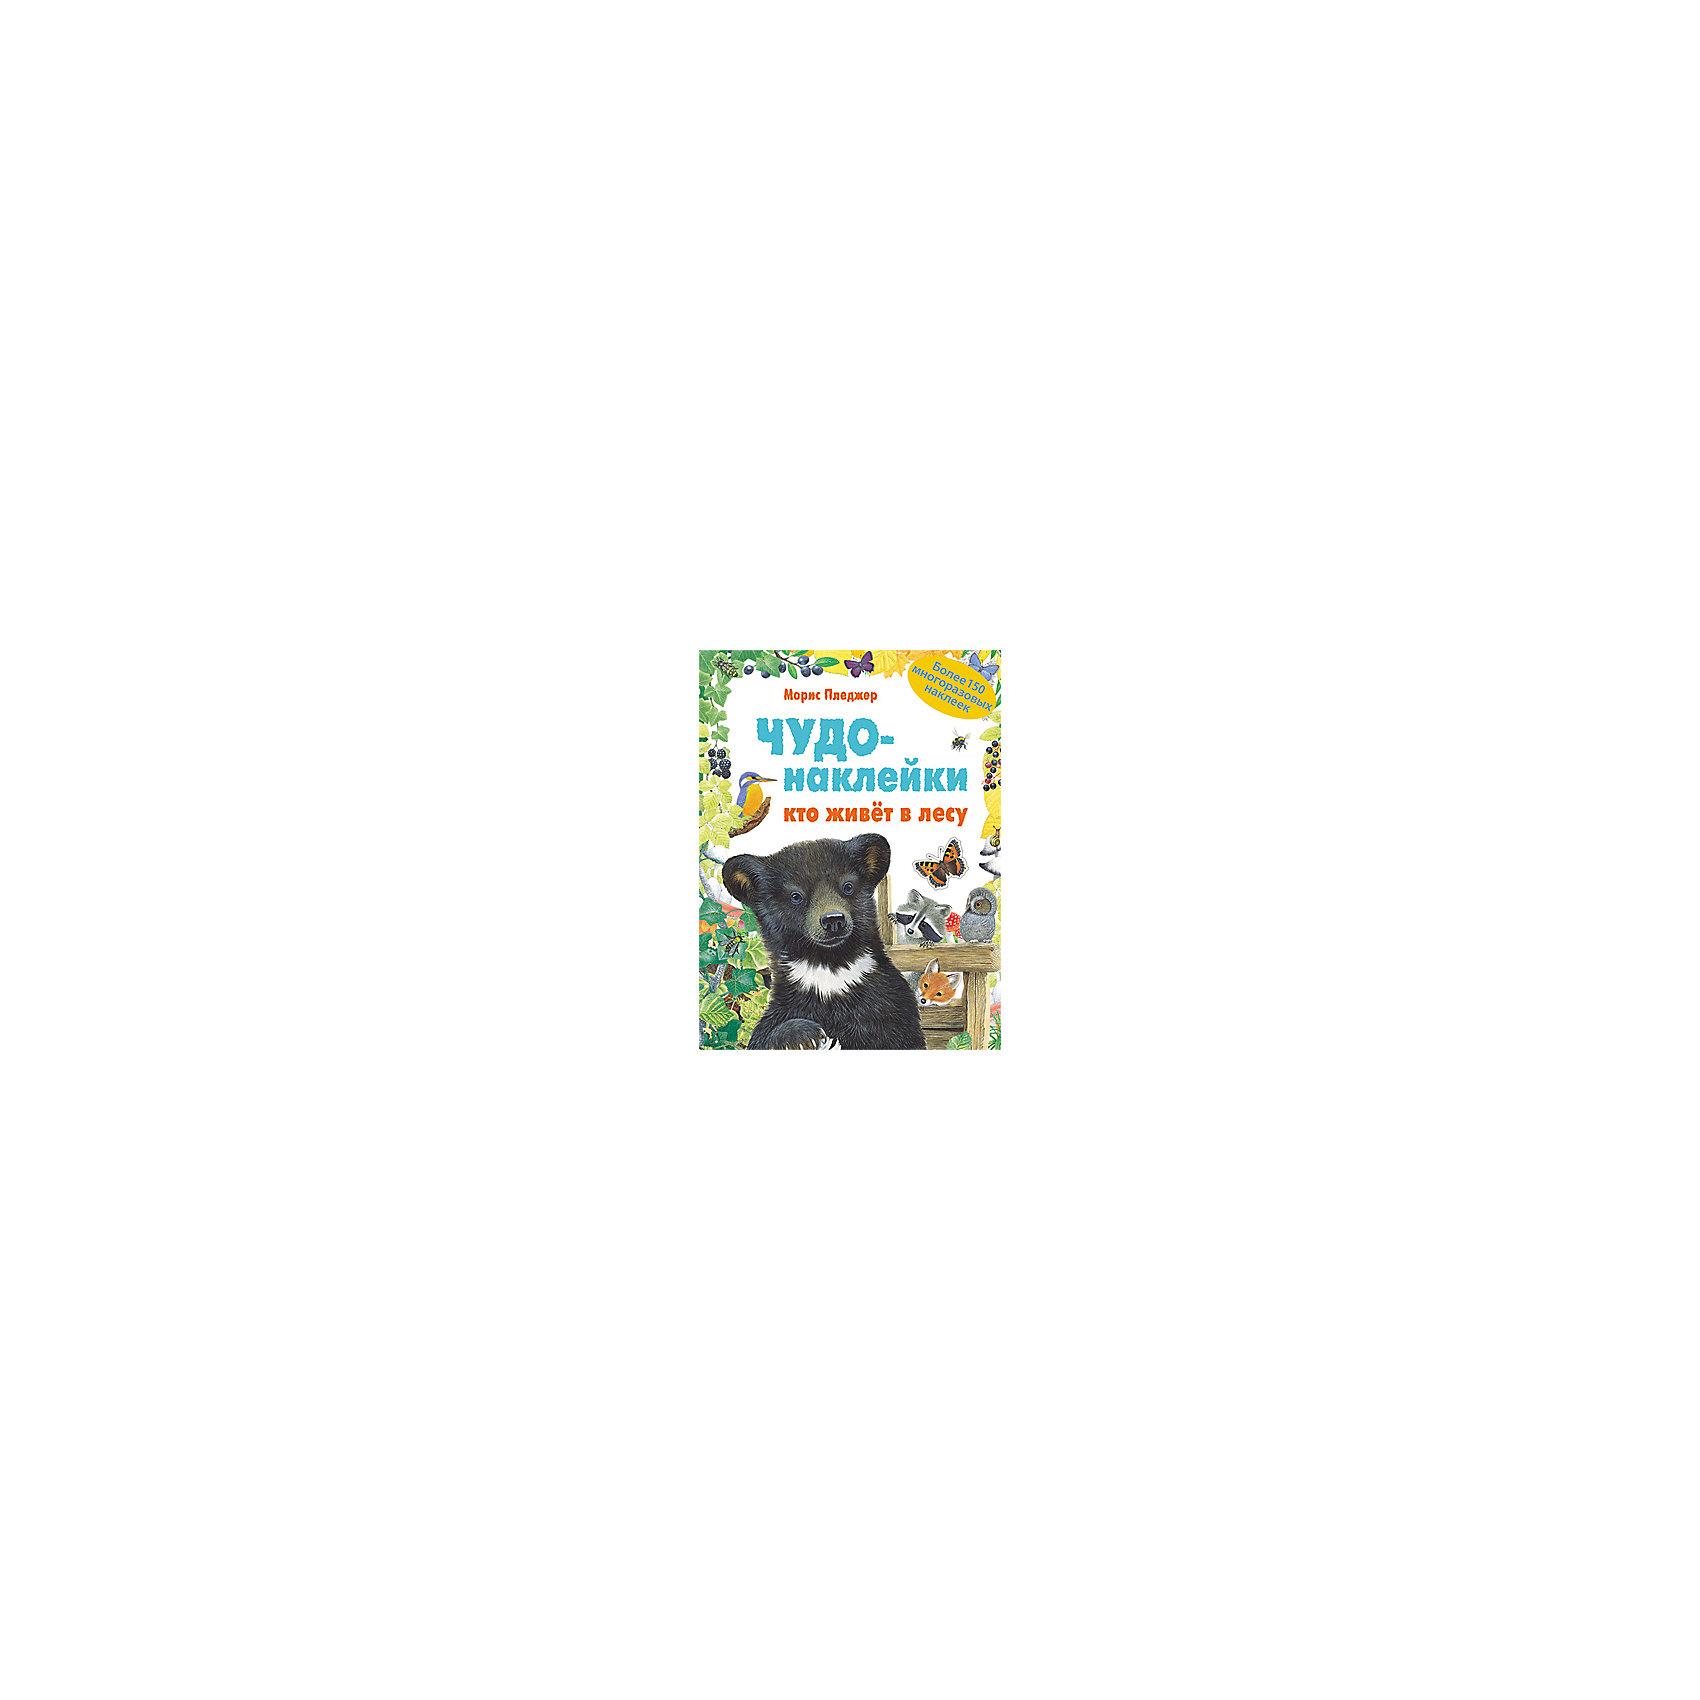 Чудо-наклейки Кто живет в лесу, Мозаика-СинтезКнижки с наклейками<br>Чудо-наклейки Кто живет в лесу, Мозаика-Синтез.<br><br>Характеристики:<br><br>• Издательство: МОЗАИКА-СИНТЕЗ<br>• ISBN: 9785867759230<br>• Тип: книга с многоразовыми наклейками.<br>• Раздел знаний: ознакомление с окружающим миром.<br>• Возраст: 5-7 лет.<br>• Размер книги: 280х215х40мм.<br>• Количество страниц: 70.<br><br>Чудо-наклейки.Кто живет в лесу. Эта красочная забавная книга с наклейками поможет совершить увлекательное путешествие по лесу, узнать кто в нем живет. Подбирайте нужные наклейки, составляйте свои картинки. Наклейки находятся в конце книги. Они многоразовые, их можно использовать не только в этой книге, но и в блокнотах, альбомах. В книге 70 страниц с заданиями и 150 красочных наклеек. <br><br>Работа с наклейками – занятие не только увлекательное, но и полезное. Оно способствует развитию воображения, мелкой моторики рук, координации движения. Книга позволяет детям лучше узнать окружающий мир, способствует интеллектуальному развитию малыша.<br><br>Чудо-наклейки Кто живет в лесу, Мозаика-Синтез, можно купить в нашем интернет – магазине<br><br>Ширина мм: 9<br>Глубина мм: 215<br>Высота мм: 280<br>Вес г: 536<br>Возраст от месяцев: 60<br>Возраст до месяцев: 84<br>Пол: Унисекс<br>Возраст: Детский<br>SKU: 5428885